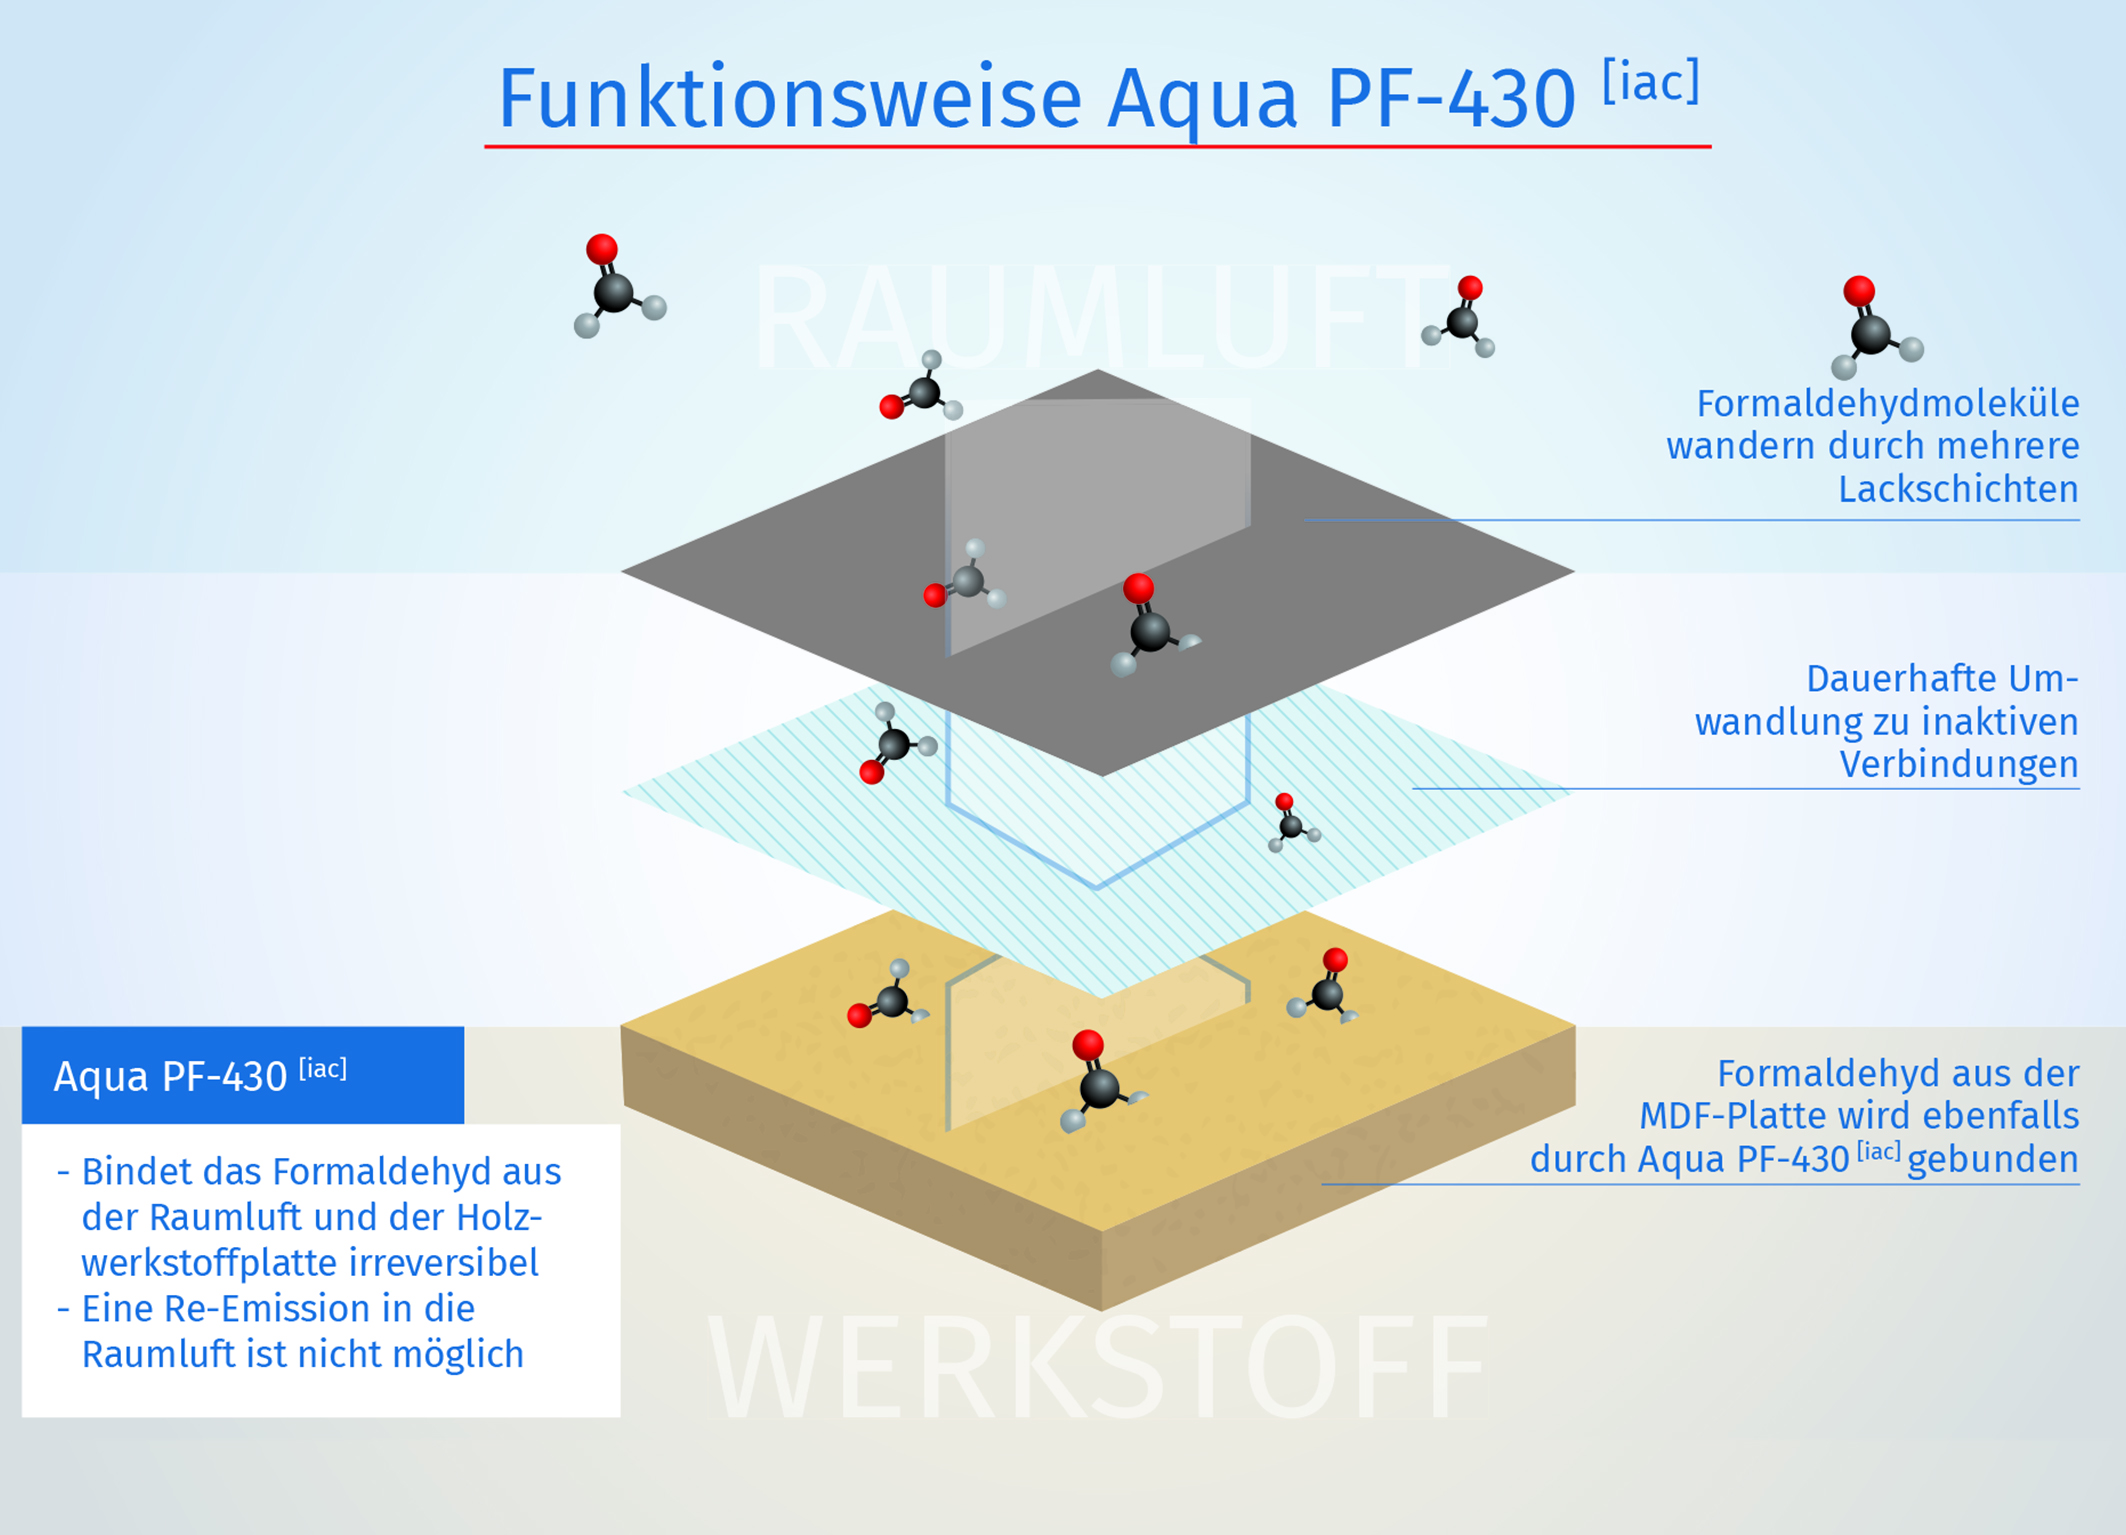 Funktionsweise: Der Pigmentfüller bindet Formaldehyd aus der Raumluft und der Holzwerkstoffplatte (Bild: Remmers).